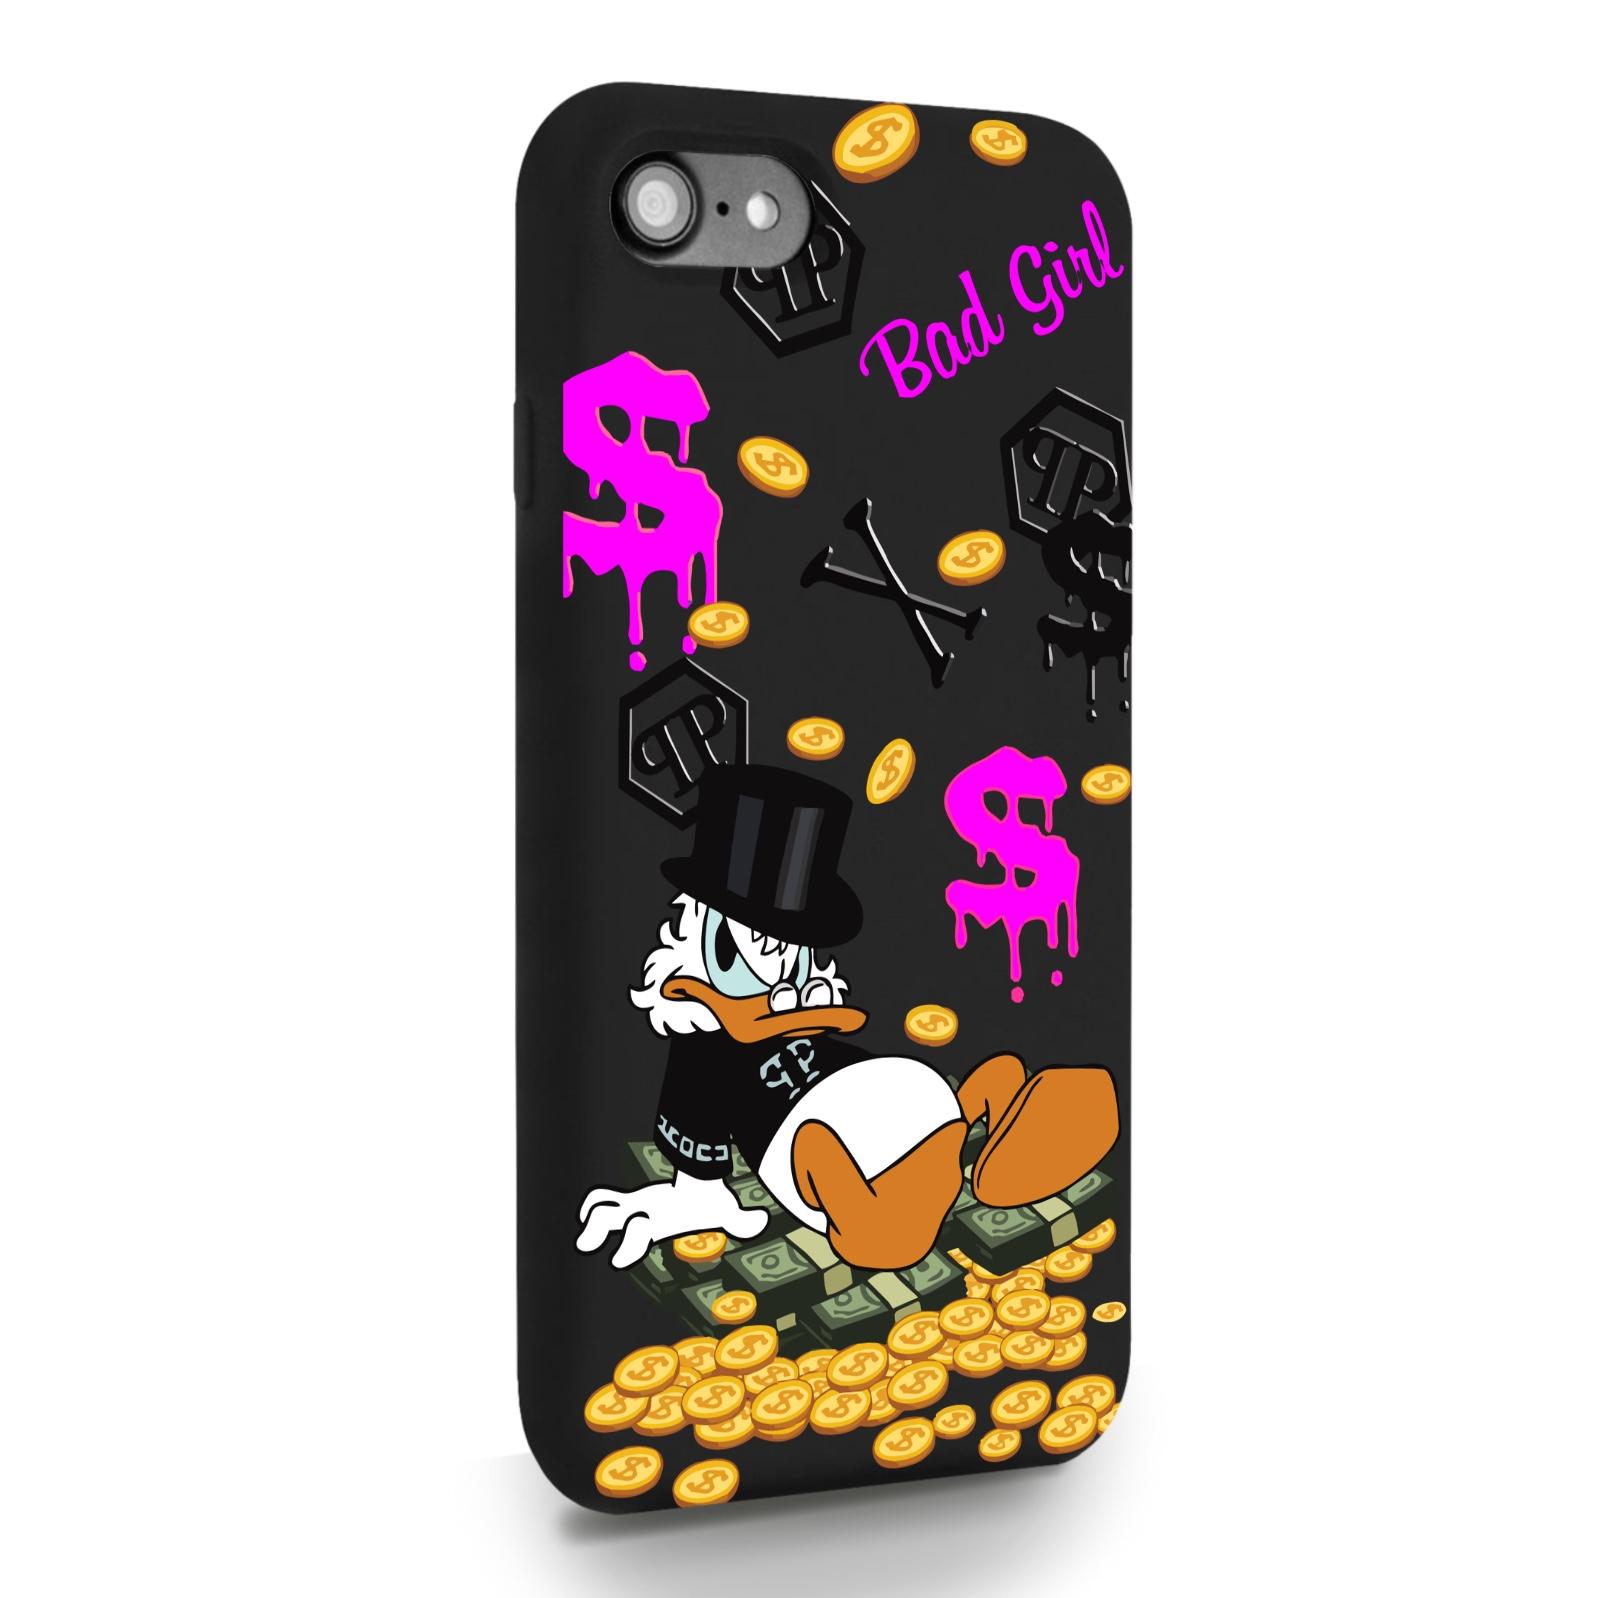 Черный силиконовый чехол для iPhone 7/8/SE2020 Богатая Утка Bad Girl для Айфон 7/8/СЕ2020